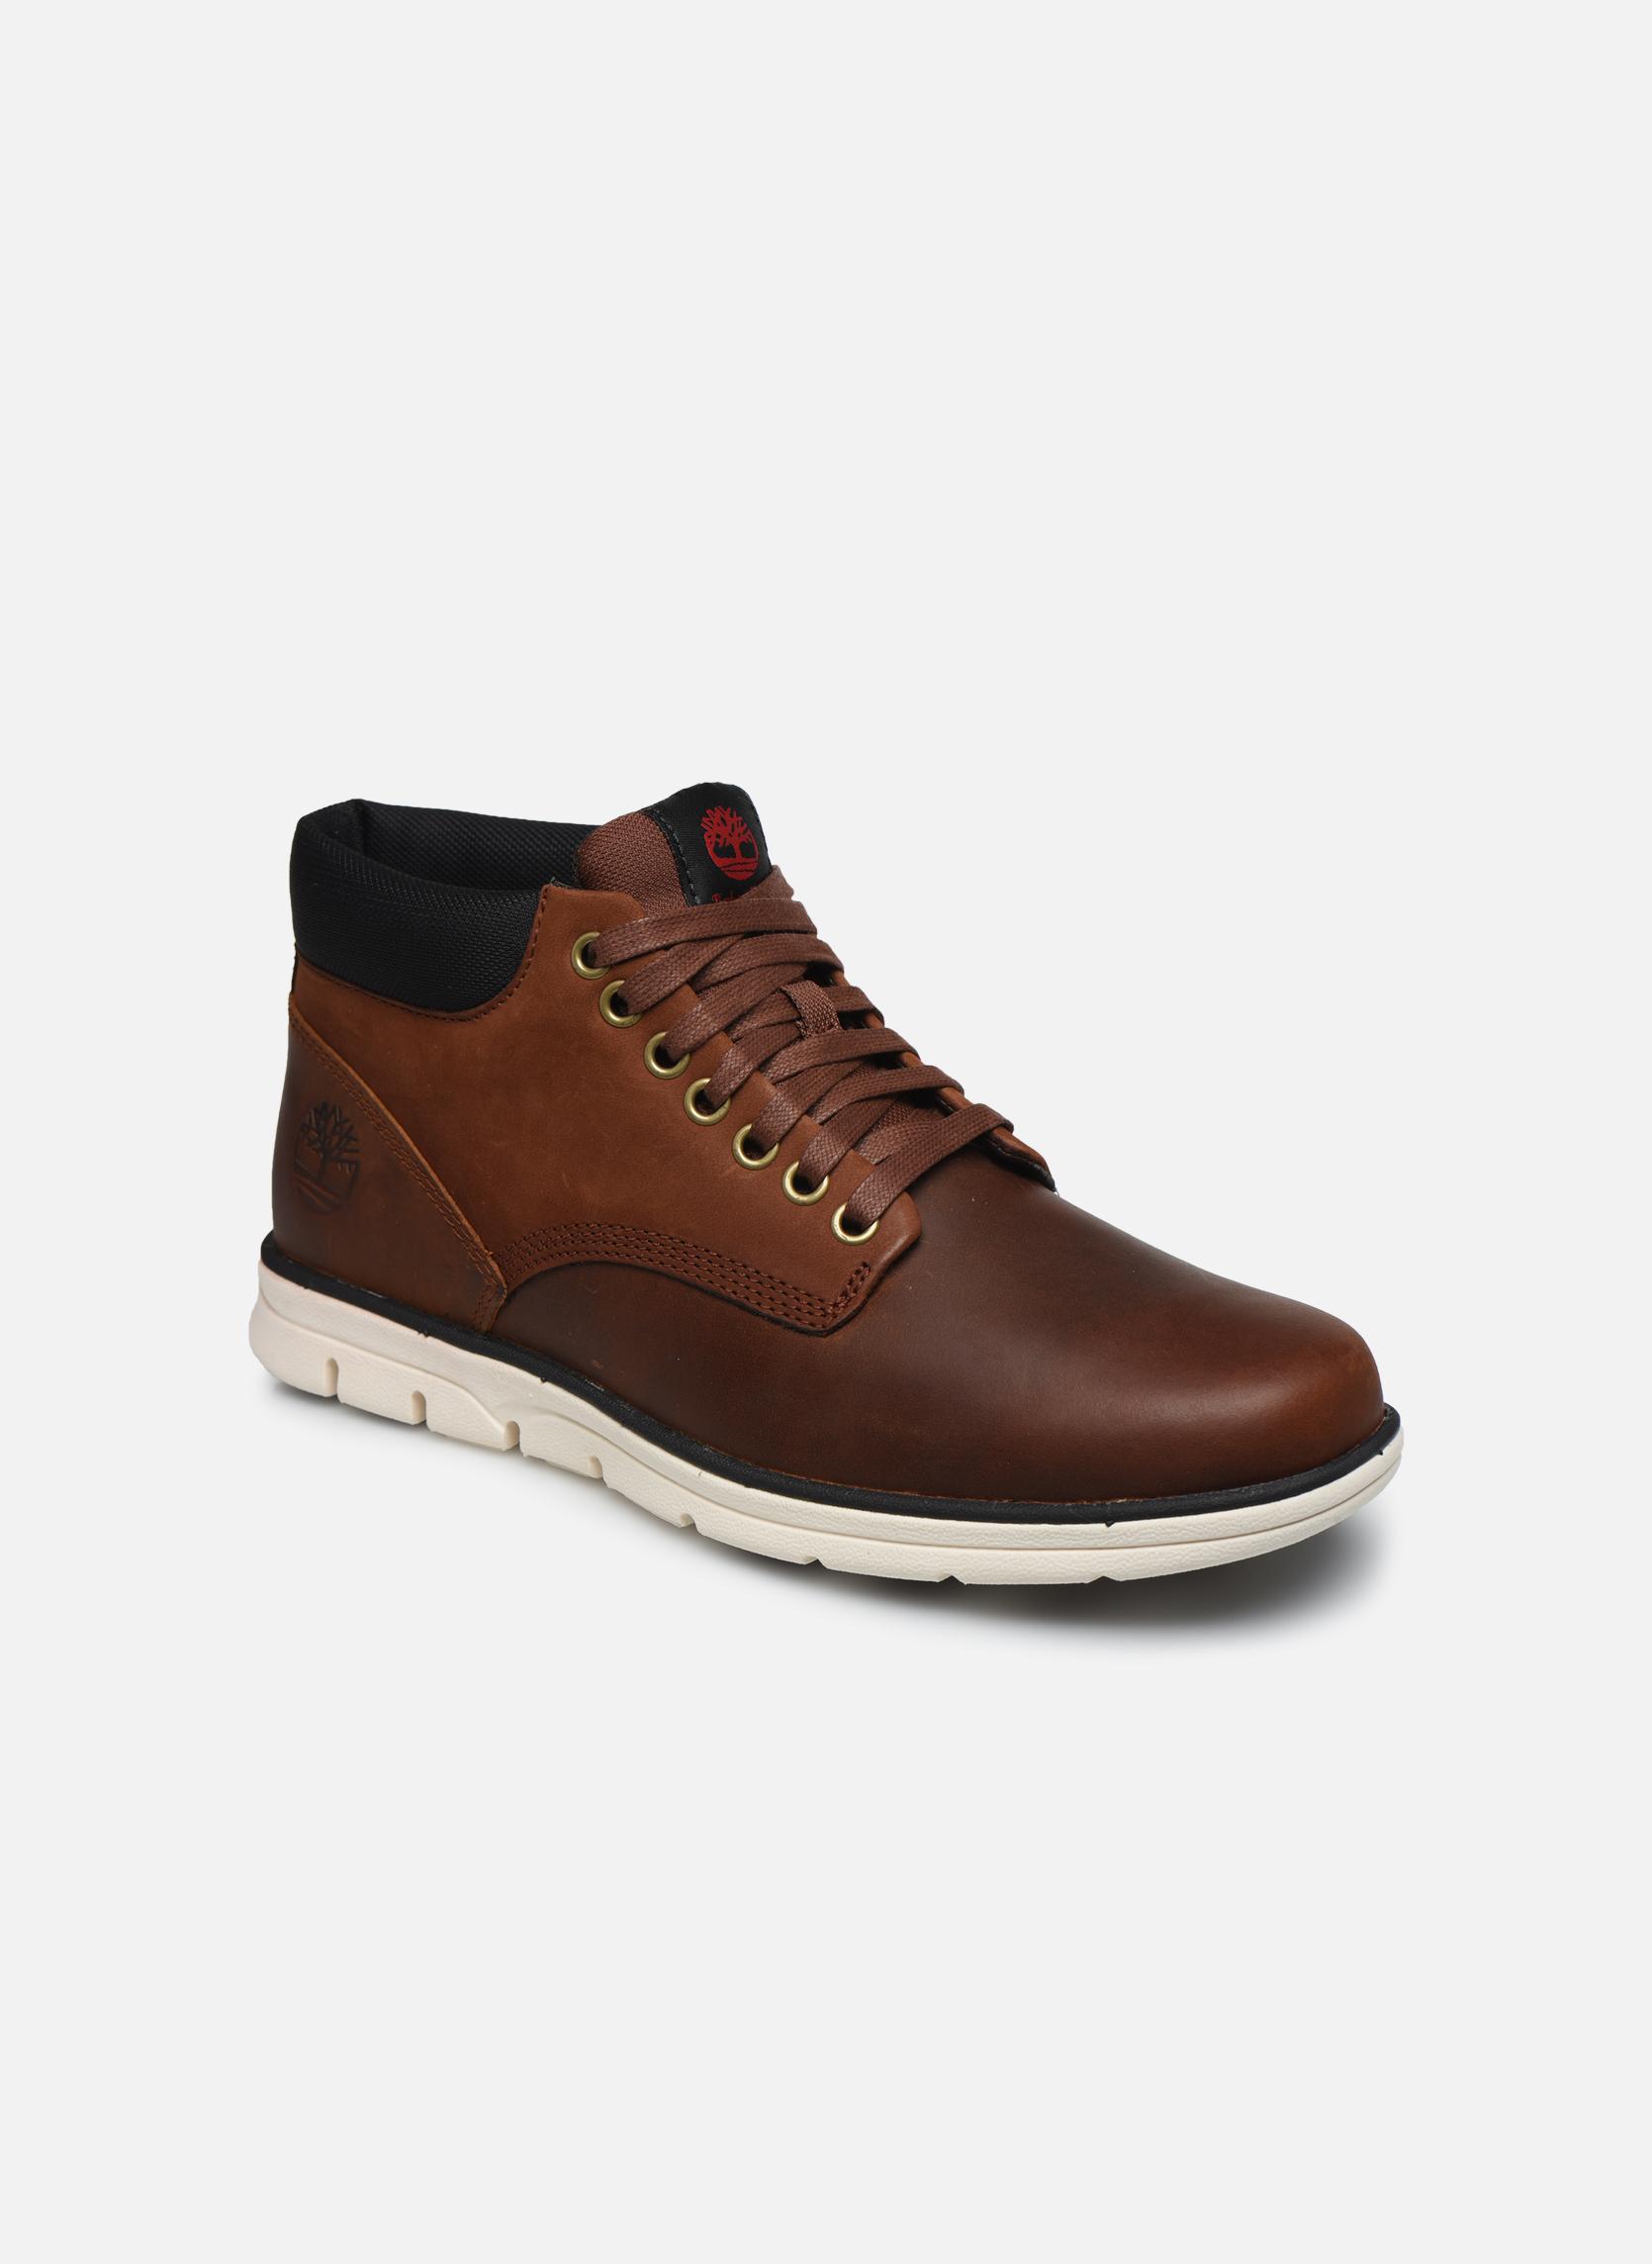 Bottines et boots Homme Bradstreet Chukka